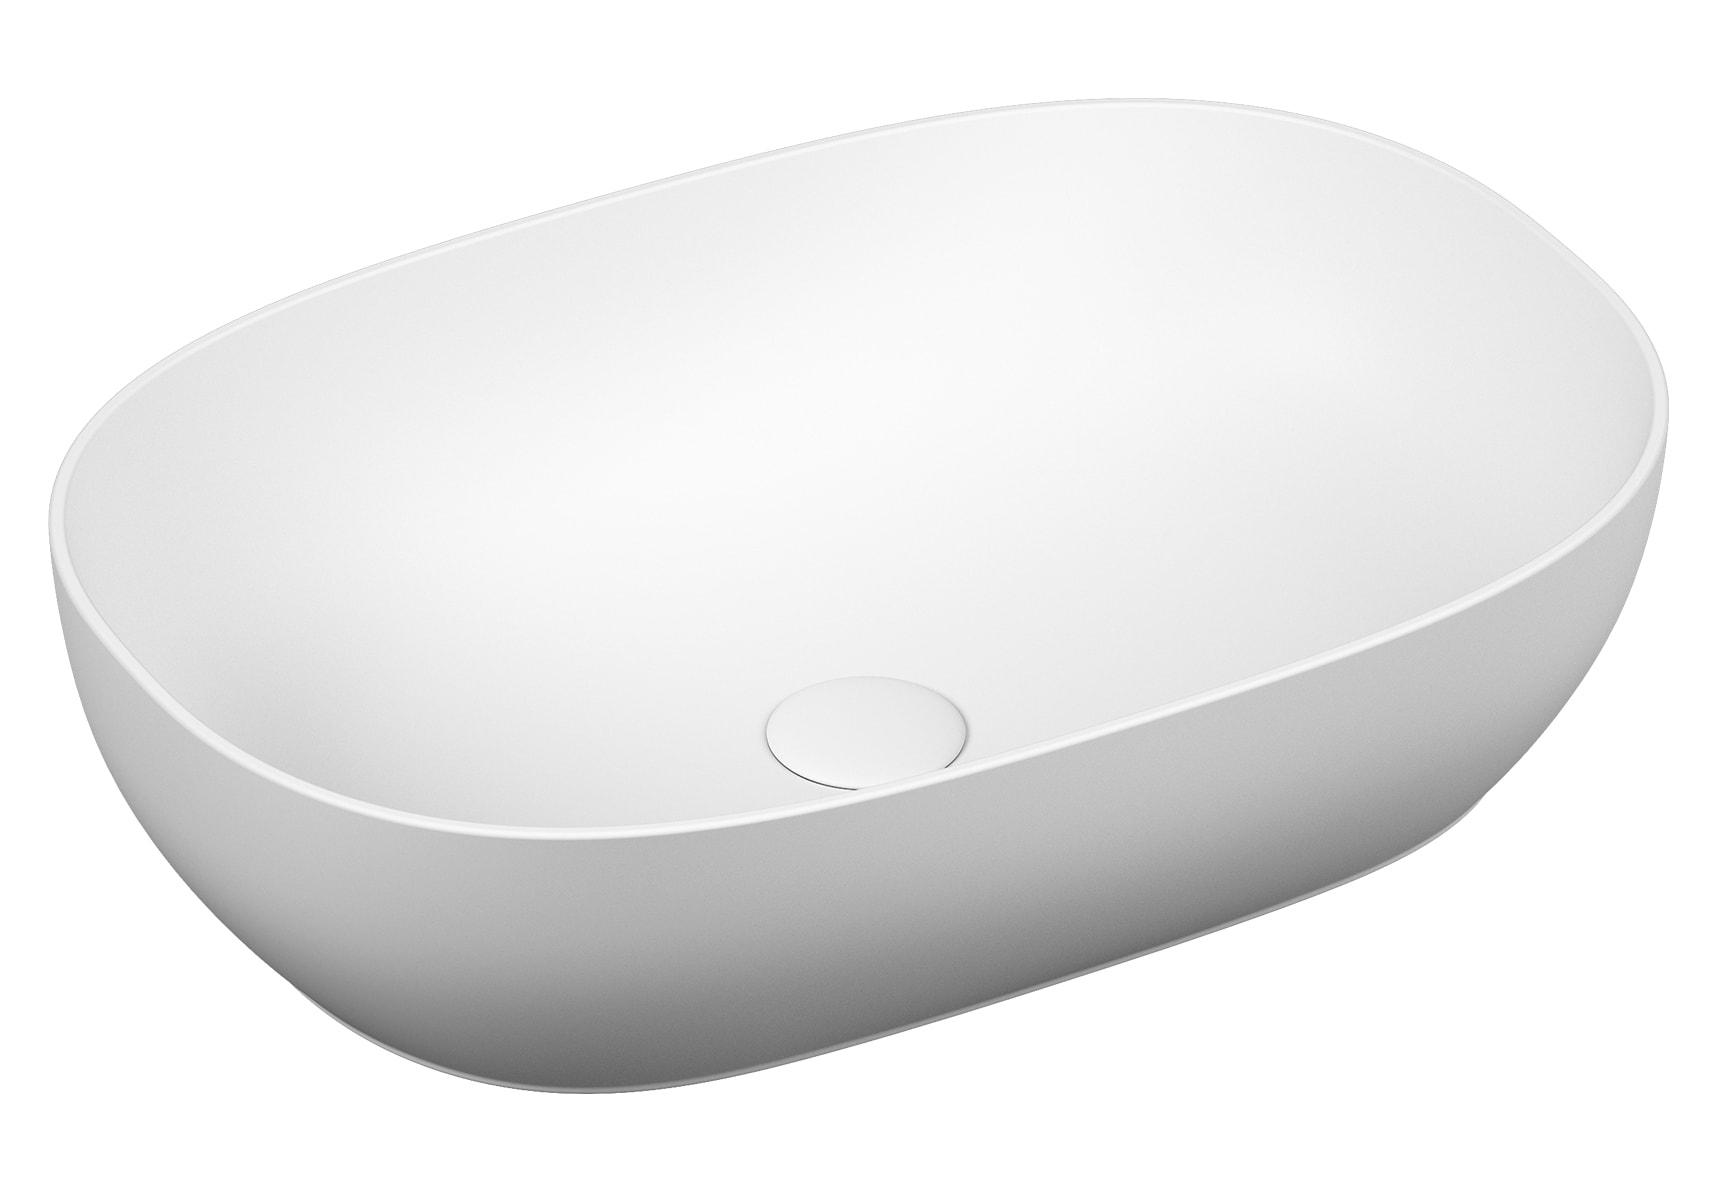 Outline Oval Bowl Washbasin